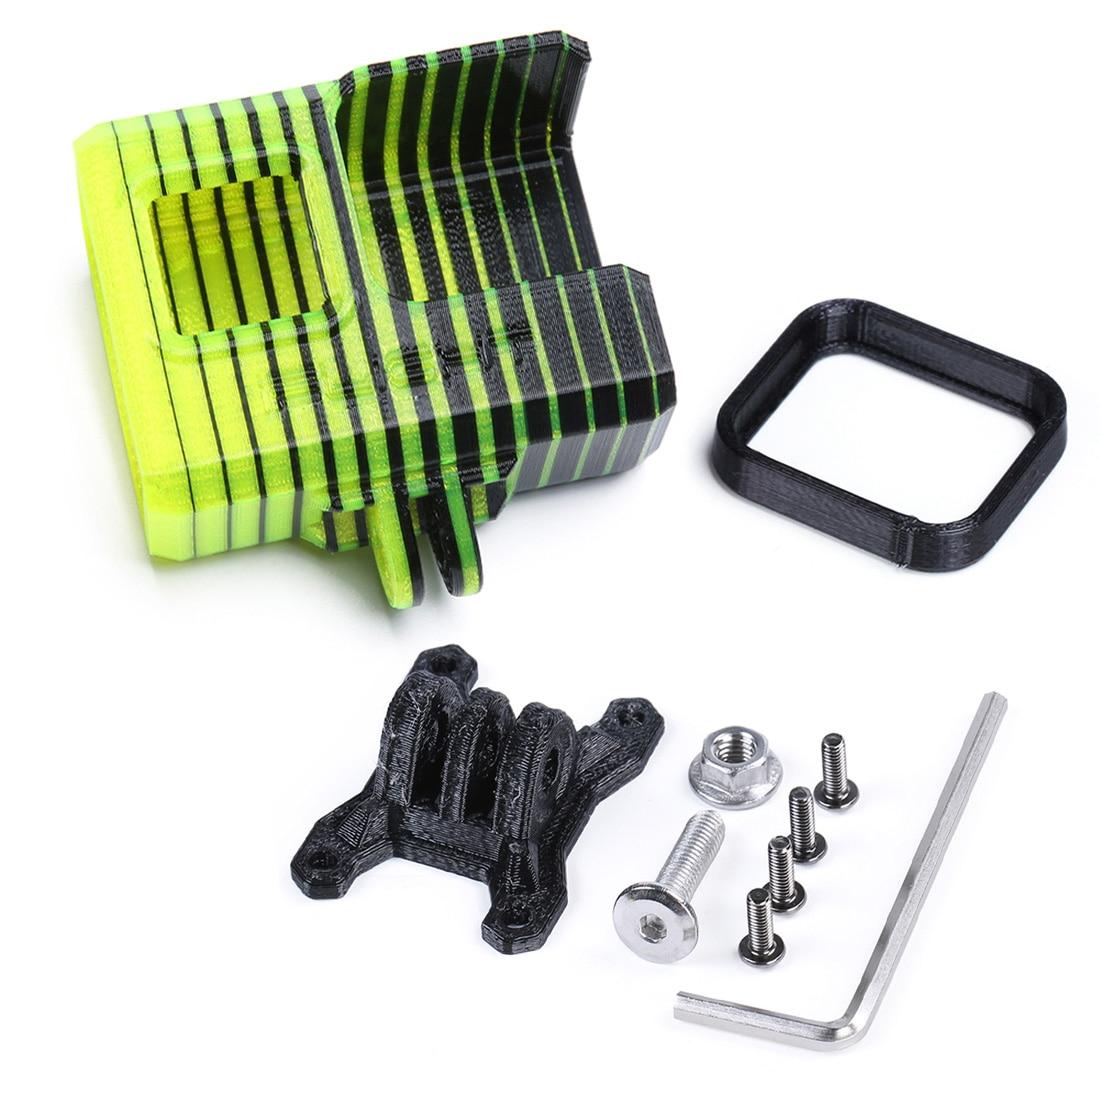 Iflight tpu ajustável adaptador de montagem gopro 0-60 graus para gopro hero 5/6/7 para bumblebee verde hornet/nazgul5 xl5 acessórios